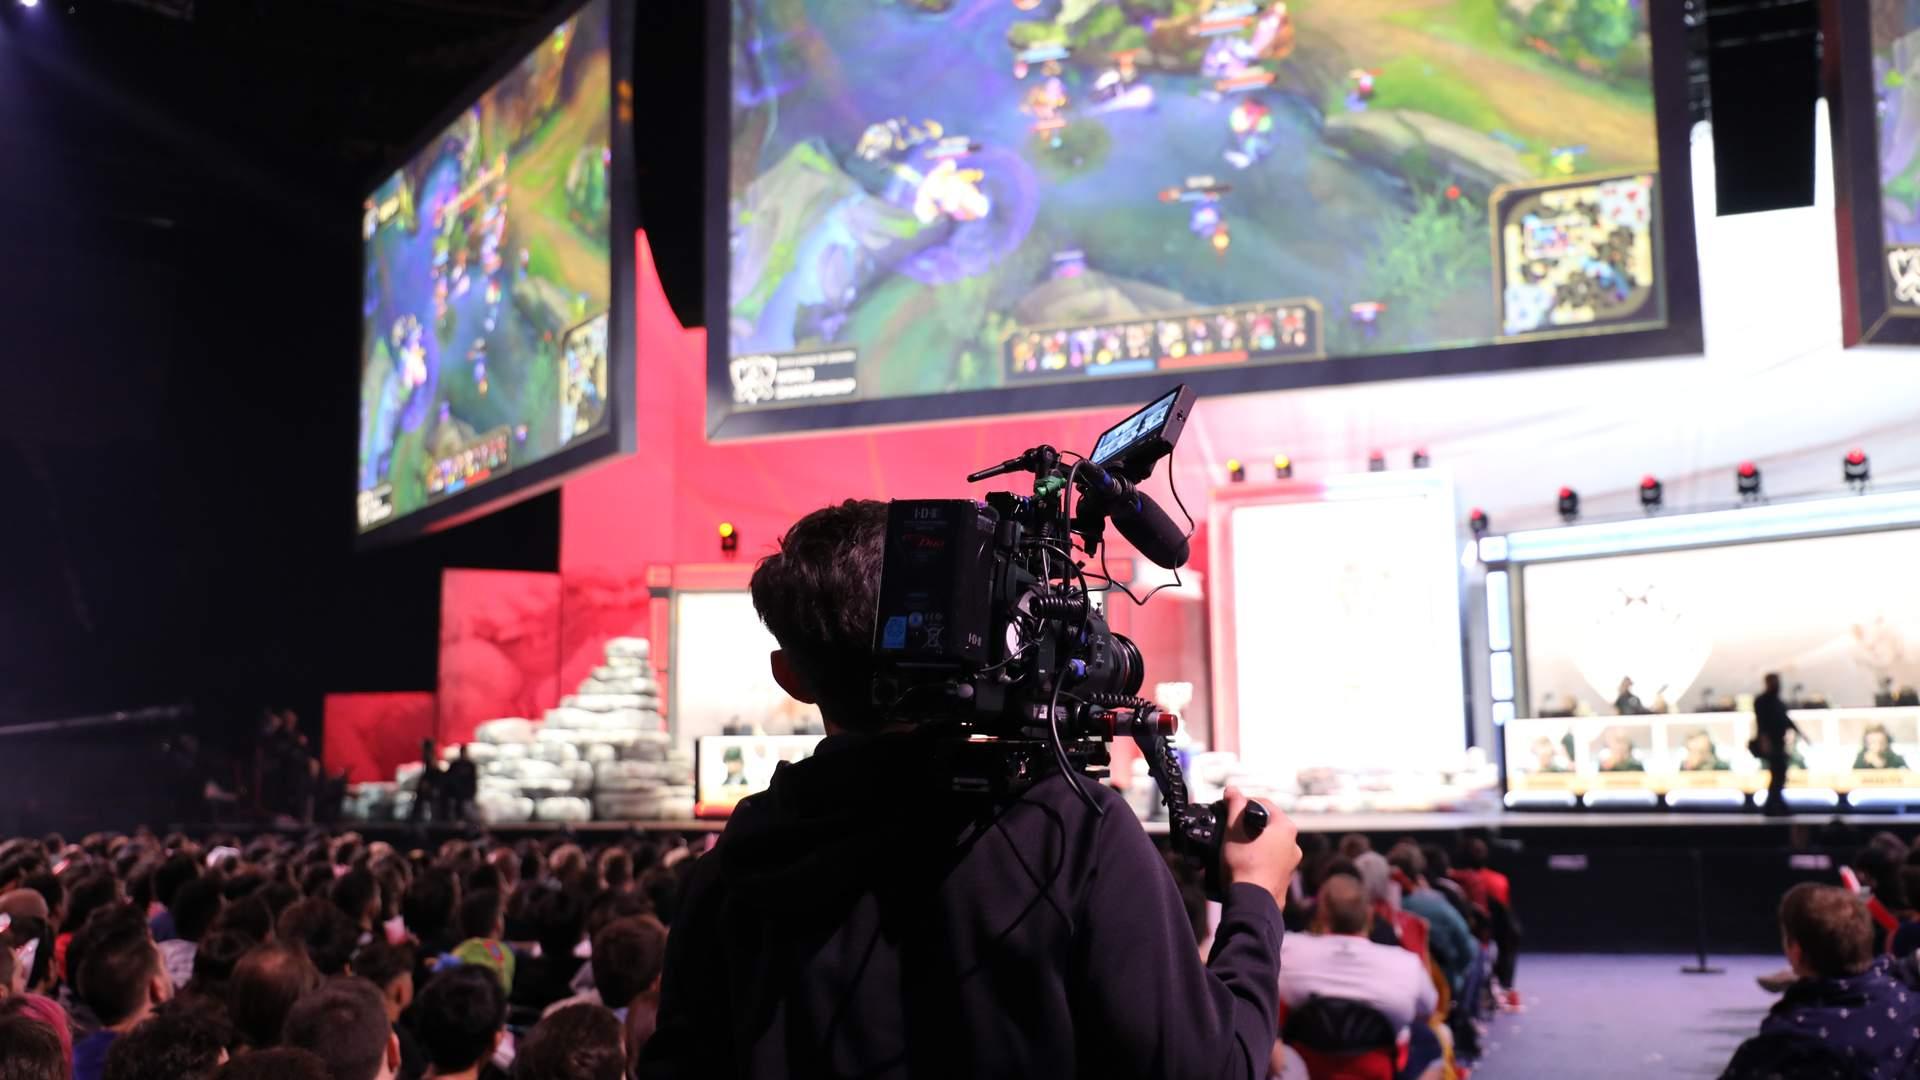 League of Legends teve impacto tão grande que seus campeonatos chegaram a aparecer na TV aberta (Fonte: Shutterstock/Turu23)